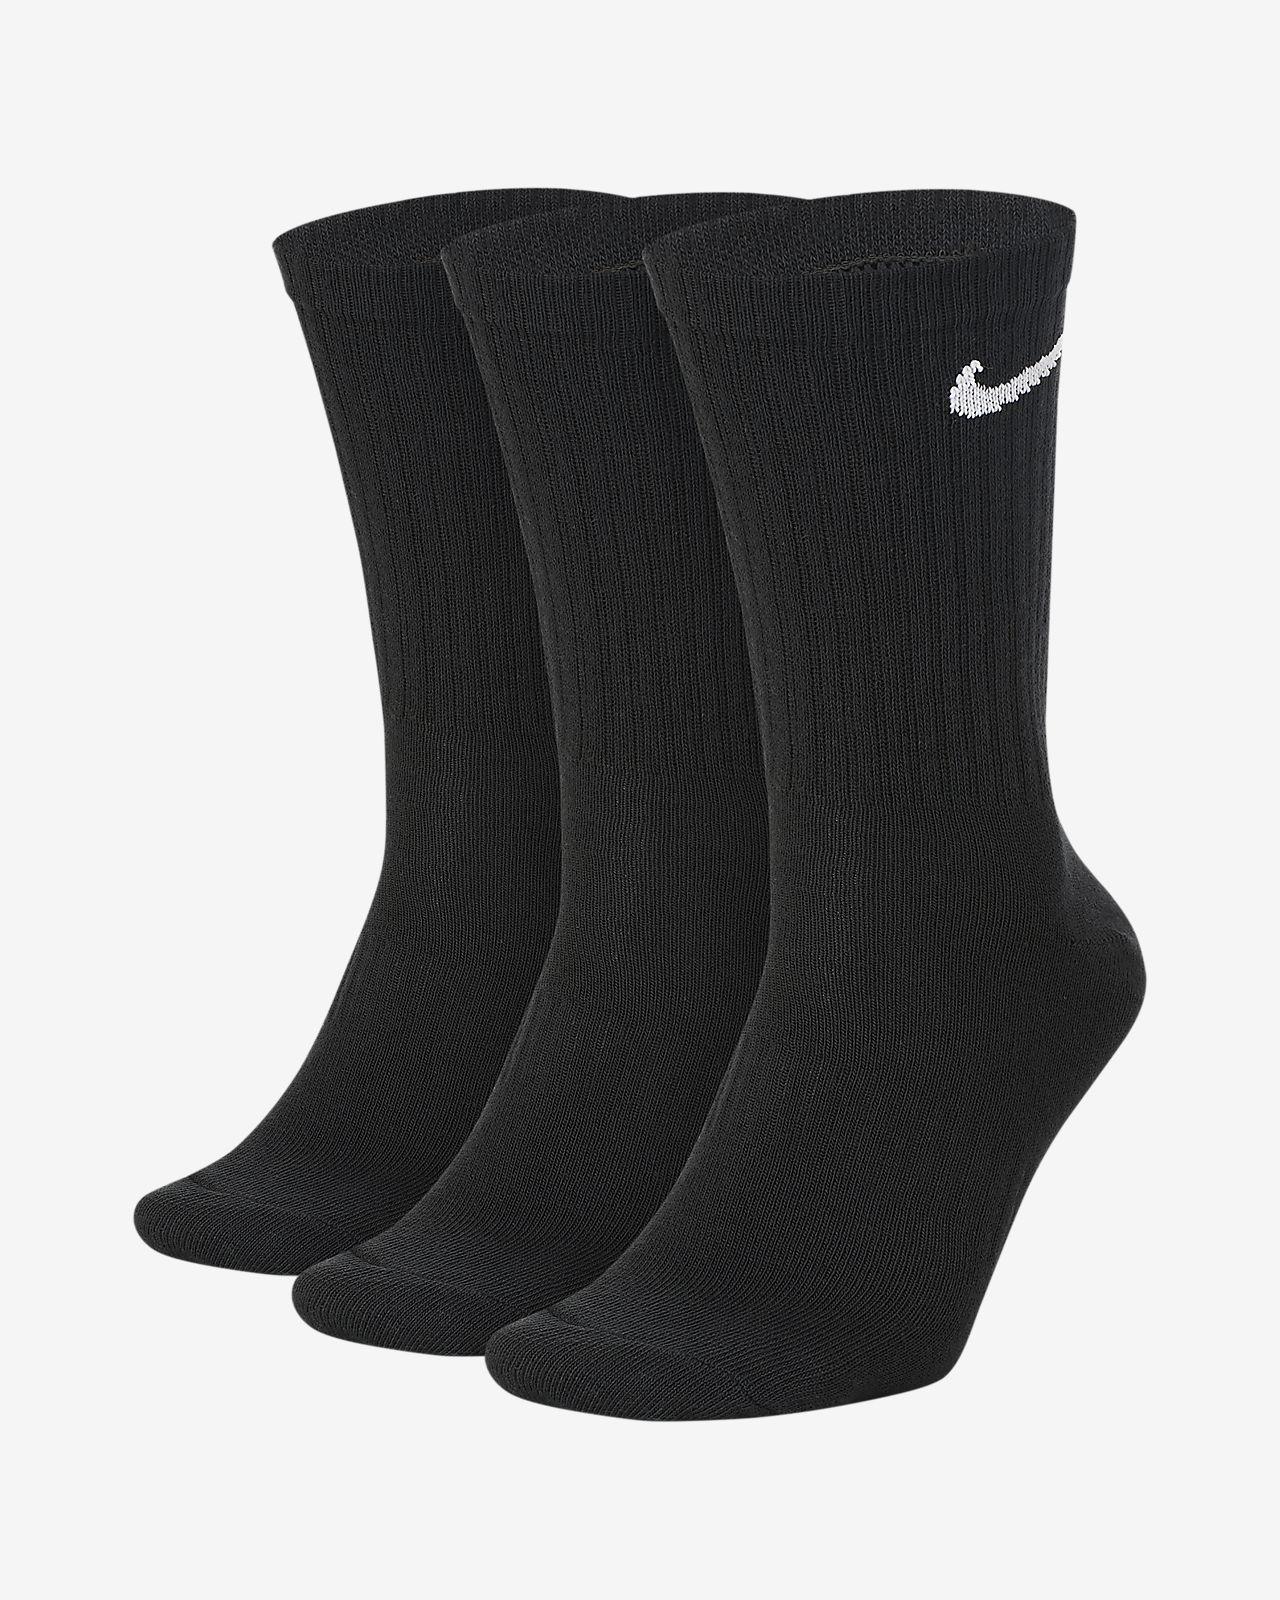 Nike Everyday leichte Crew-Trainingssocken für Herren (3 Paar)